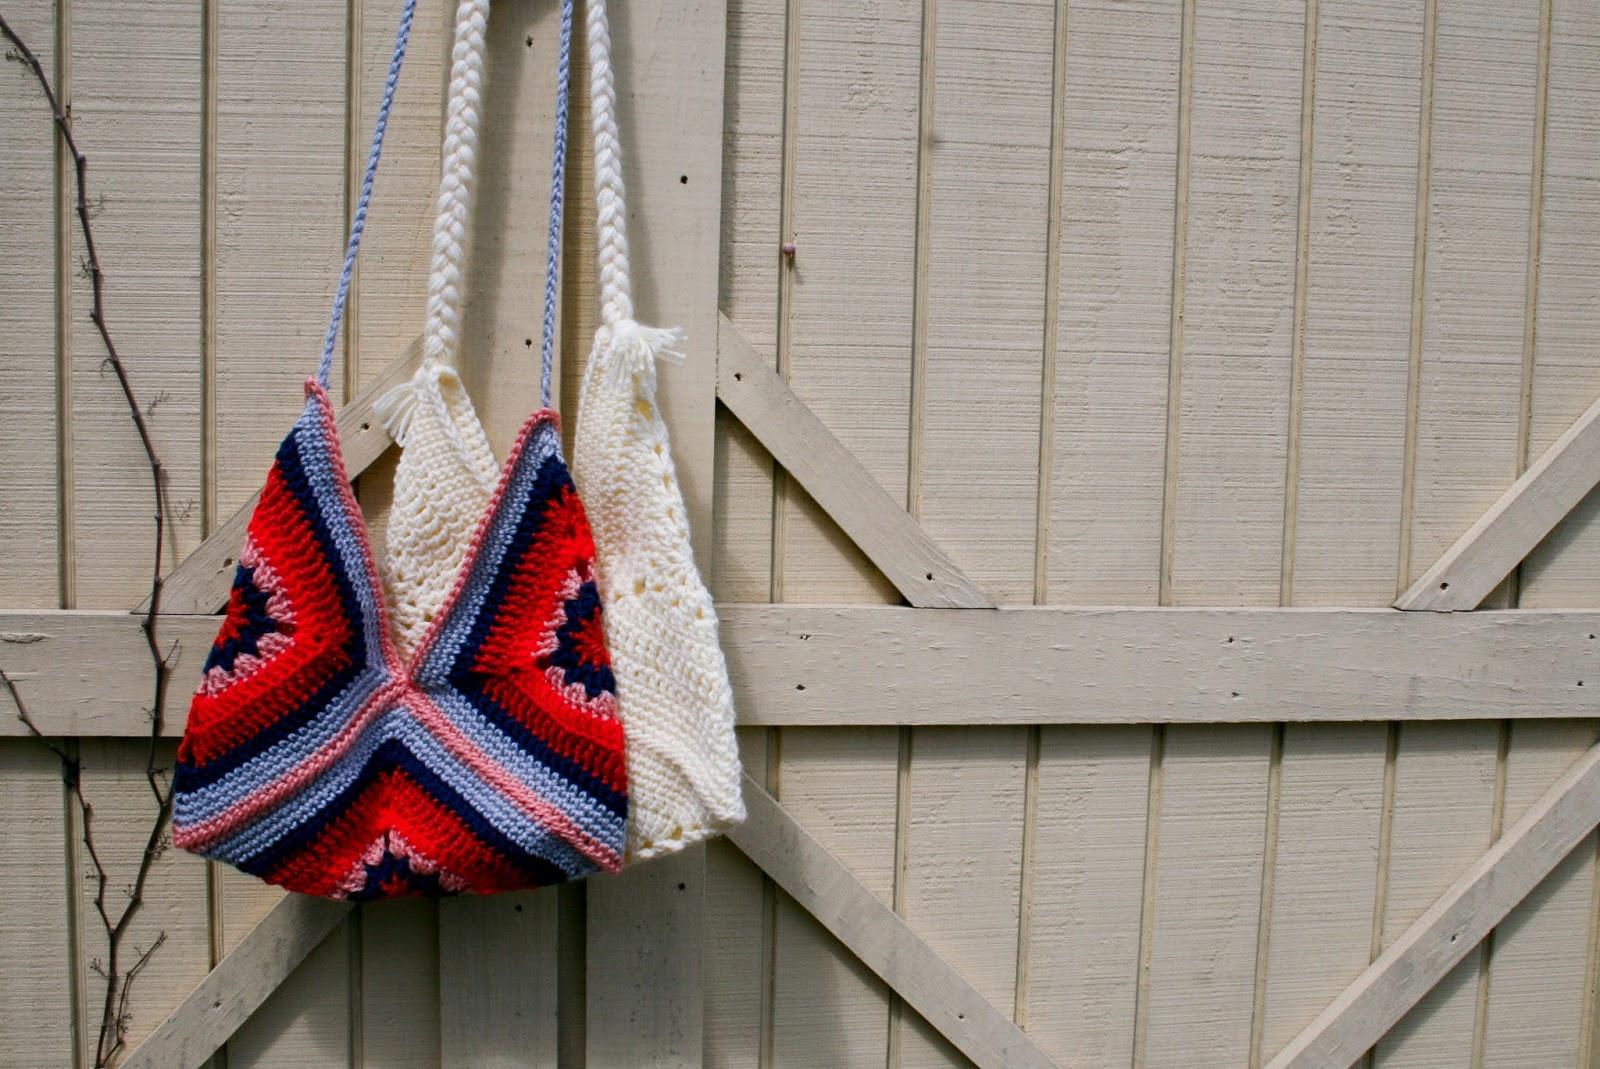 five sixteenths blog: Make It Monday // Boho Crochet Summer Bag